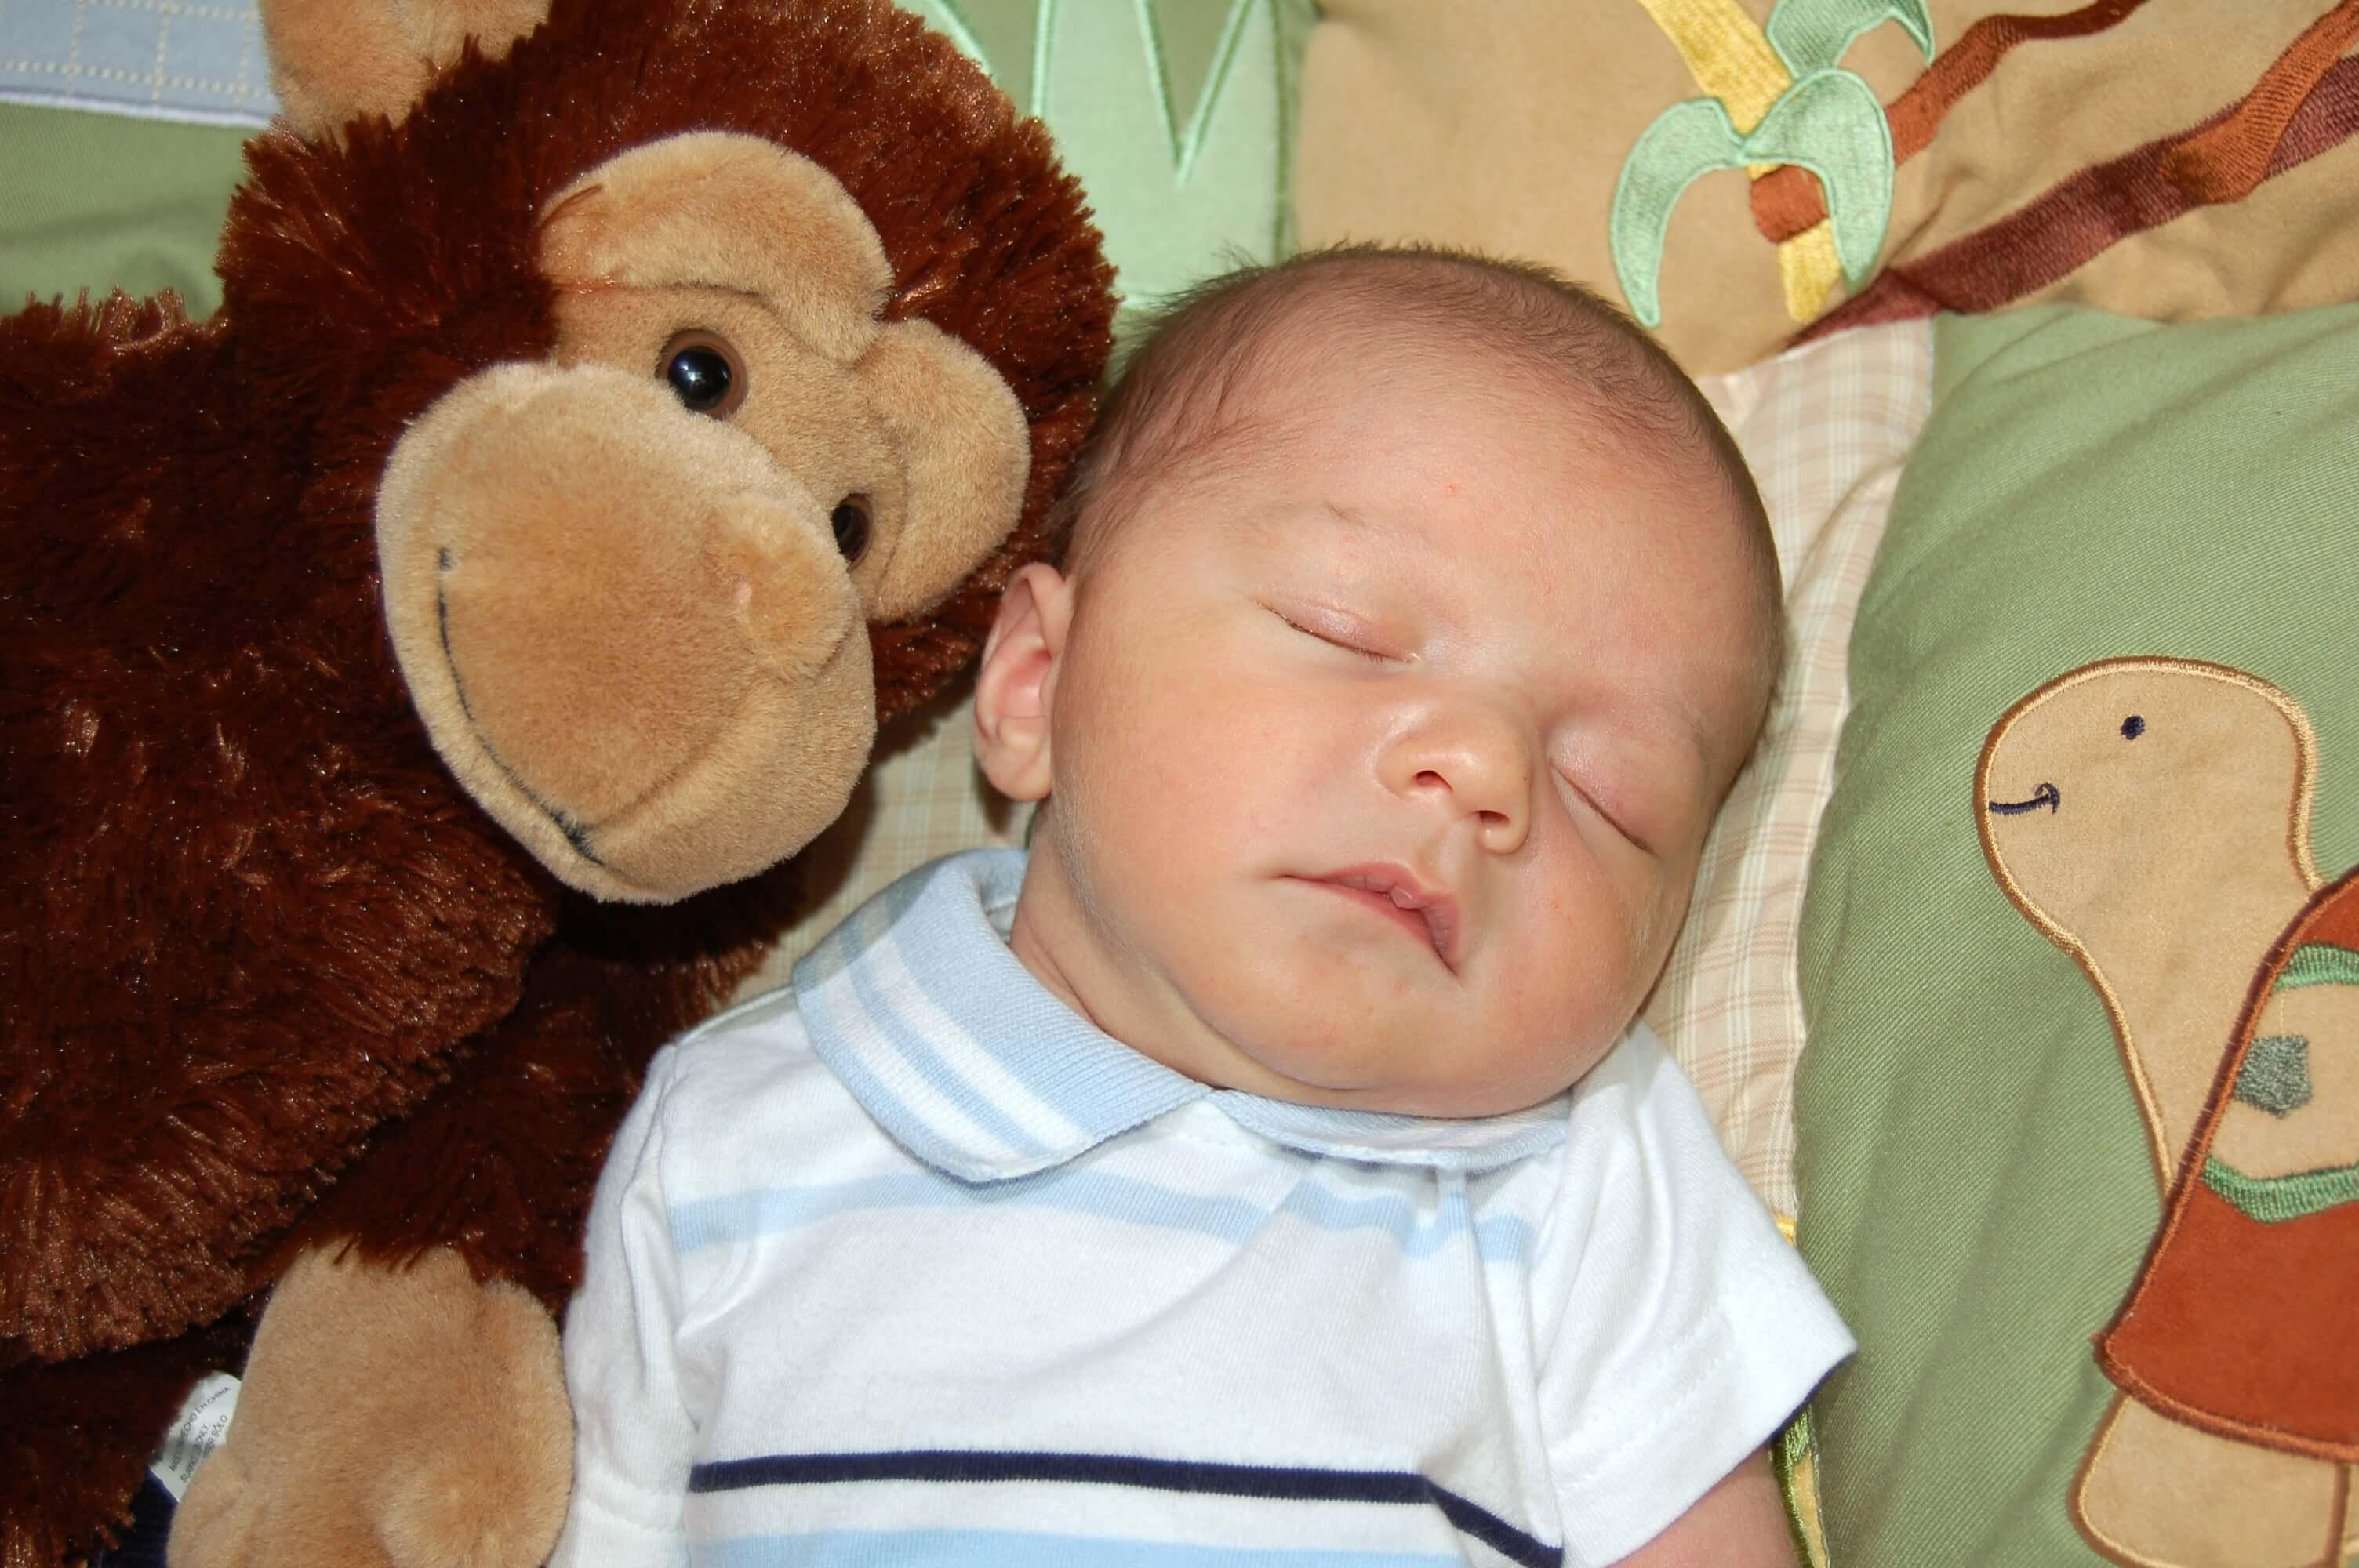 Schlafen dank der Ferber-Methode